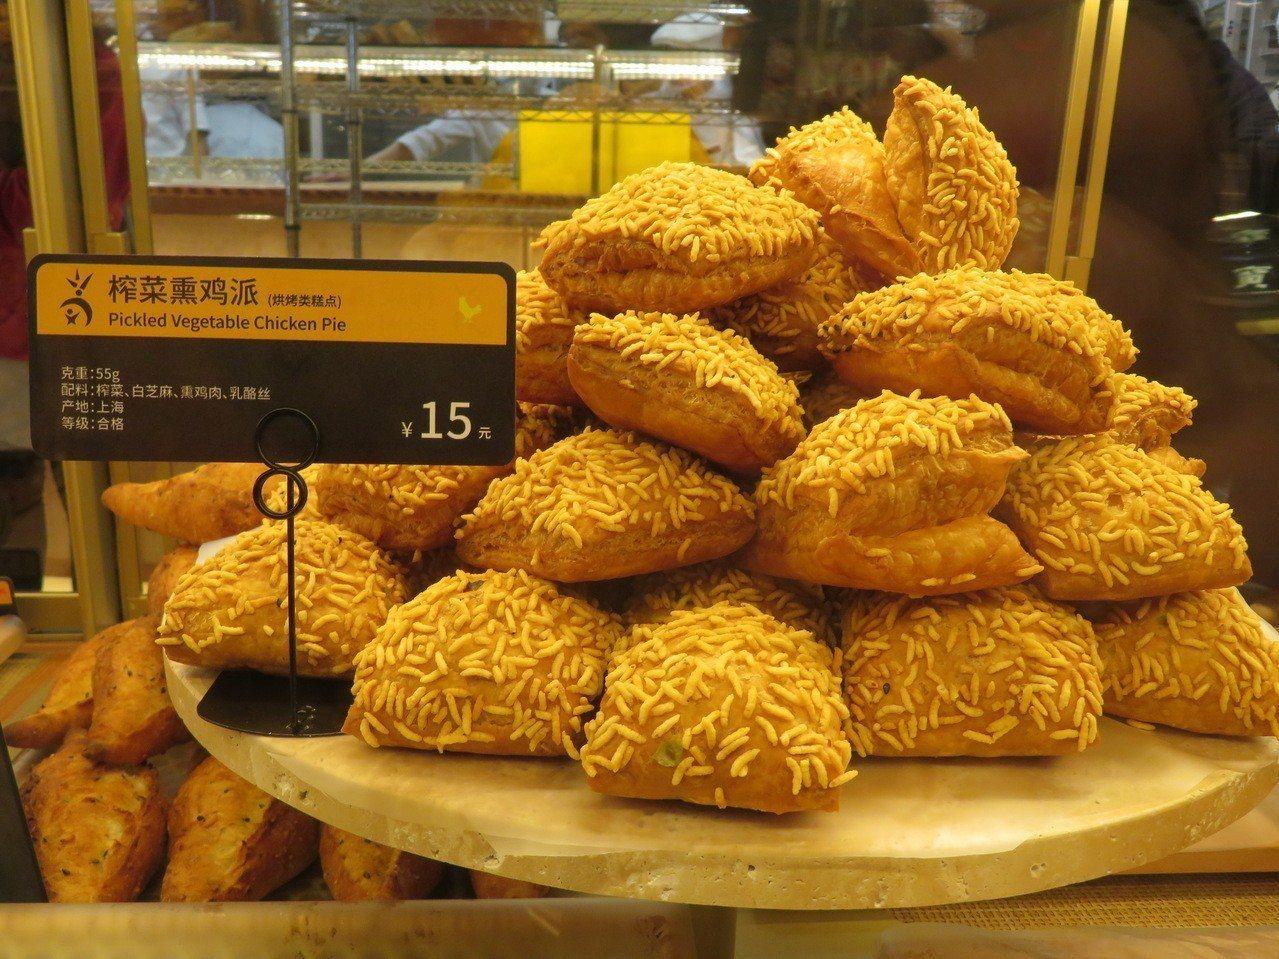 上海「吳寶春麥坊」特別選用烏江榨菜這款上海民眾熟悉的當地食材,推出滬上限定產品「...